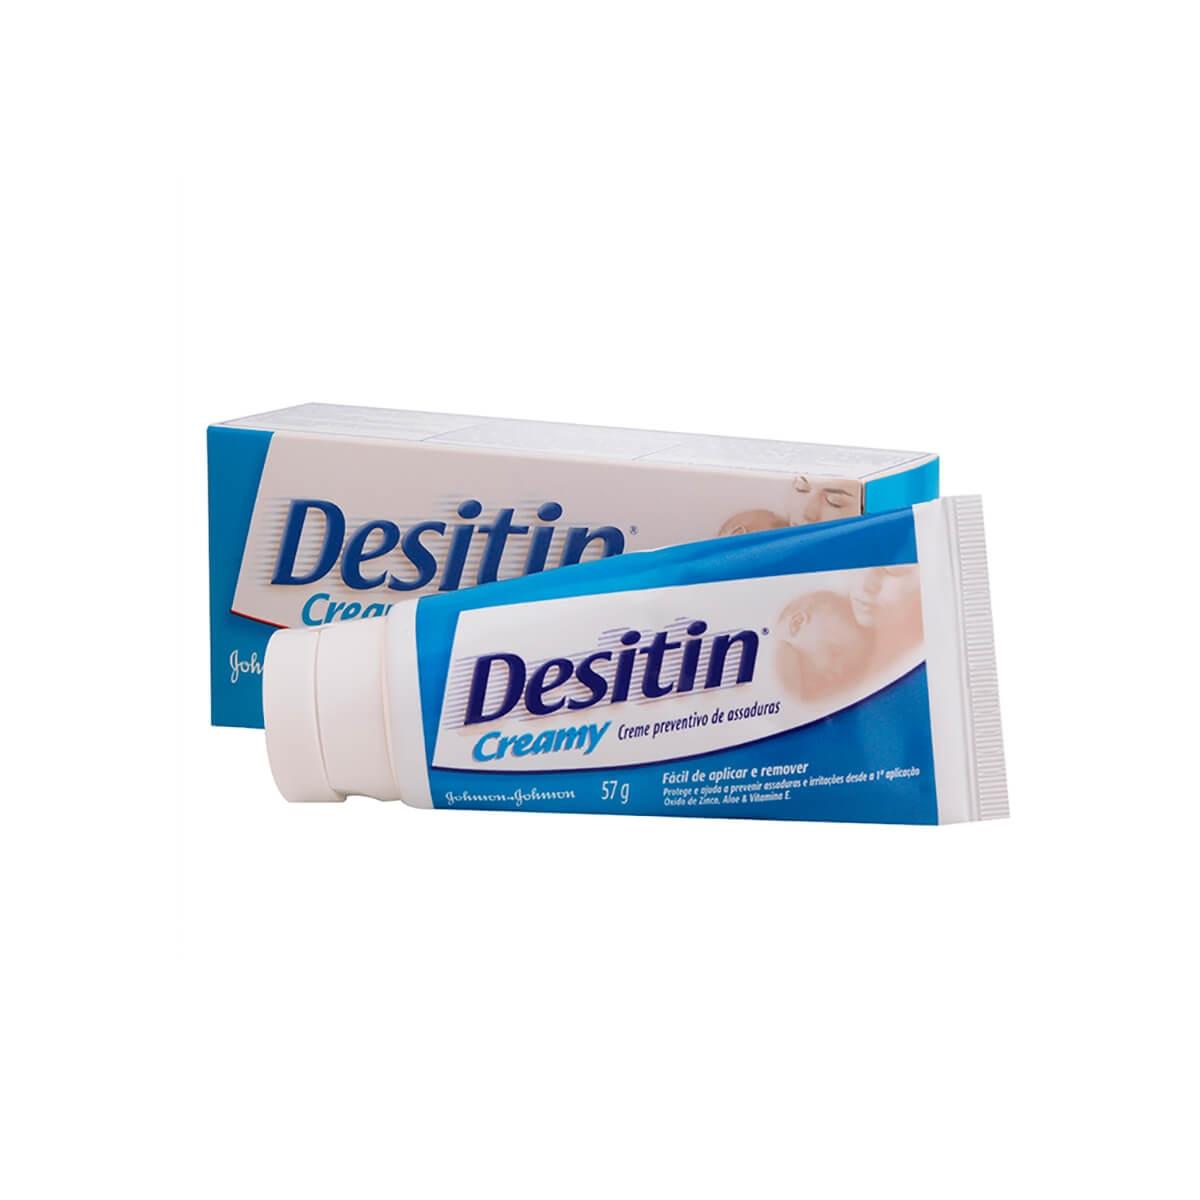 Desitin Creamy Creme Preventivo de Assaduras com 57g 57g